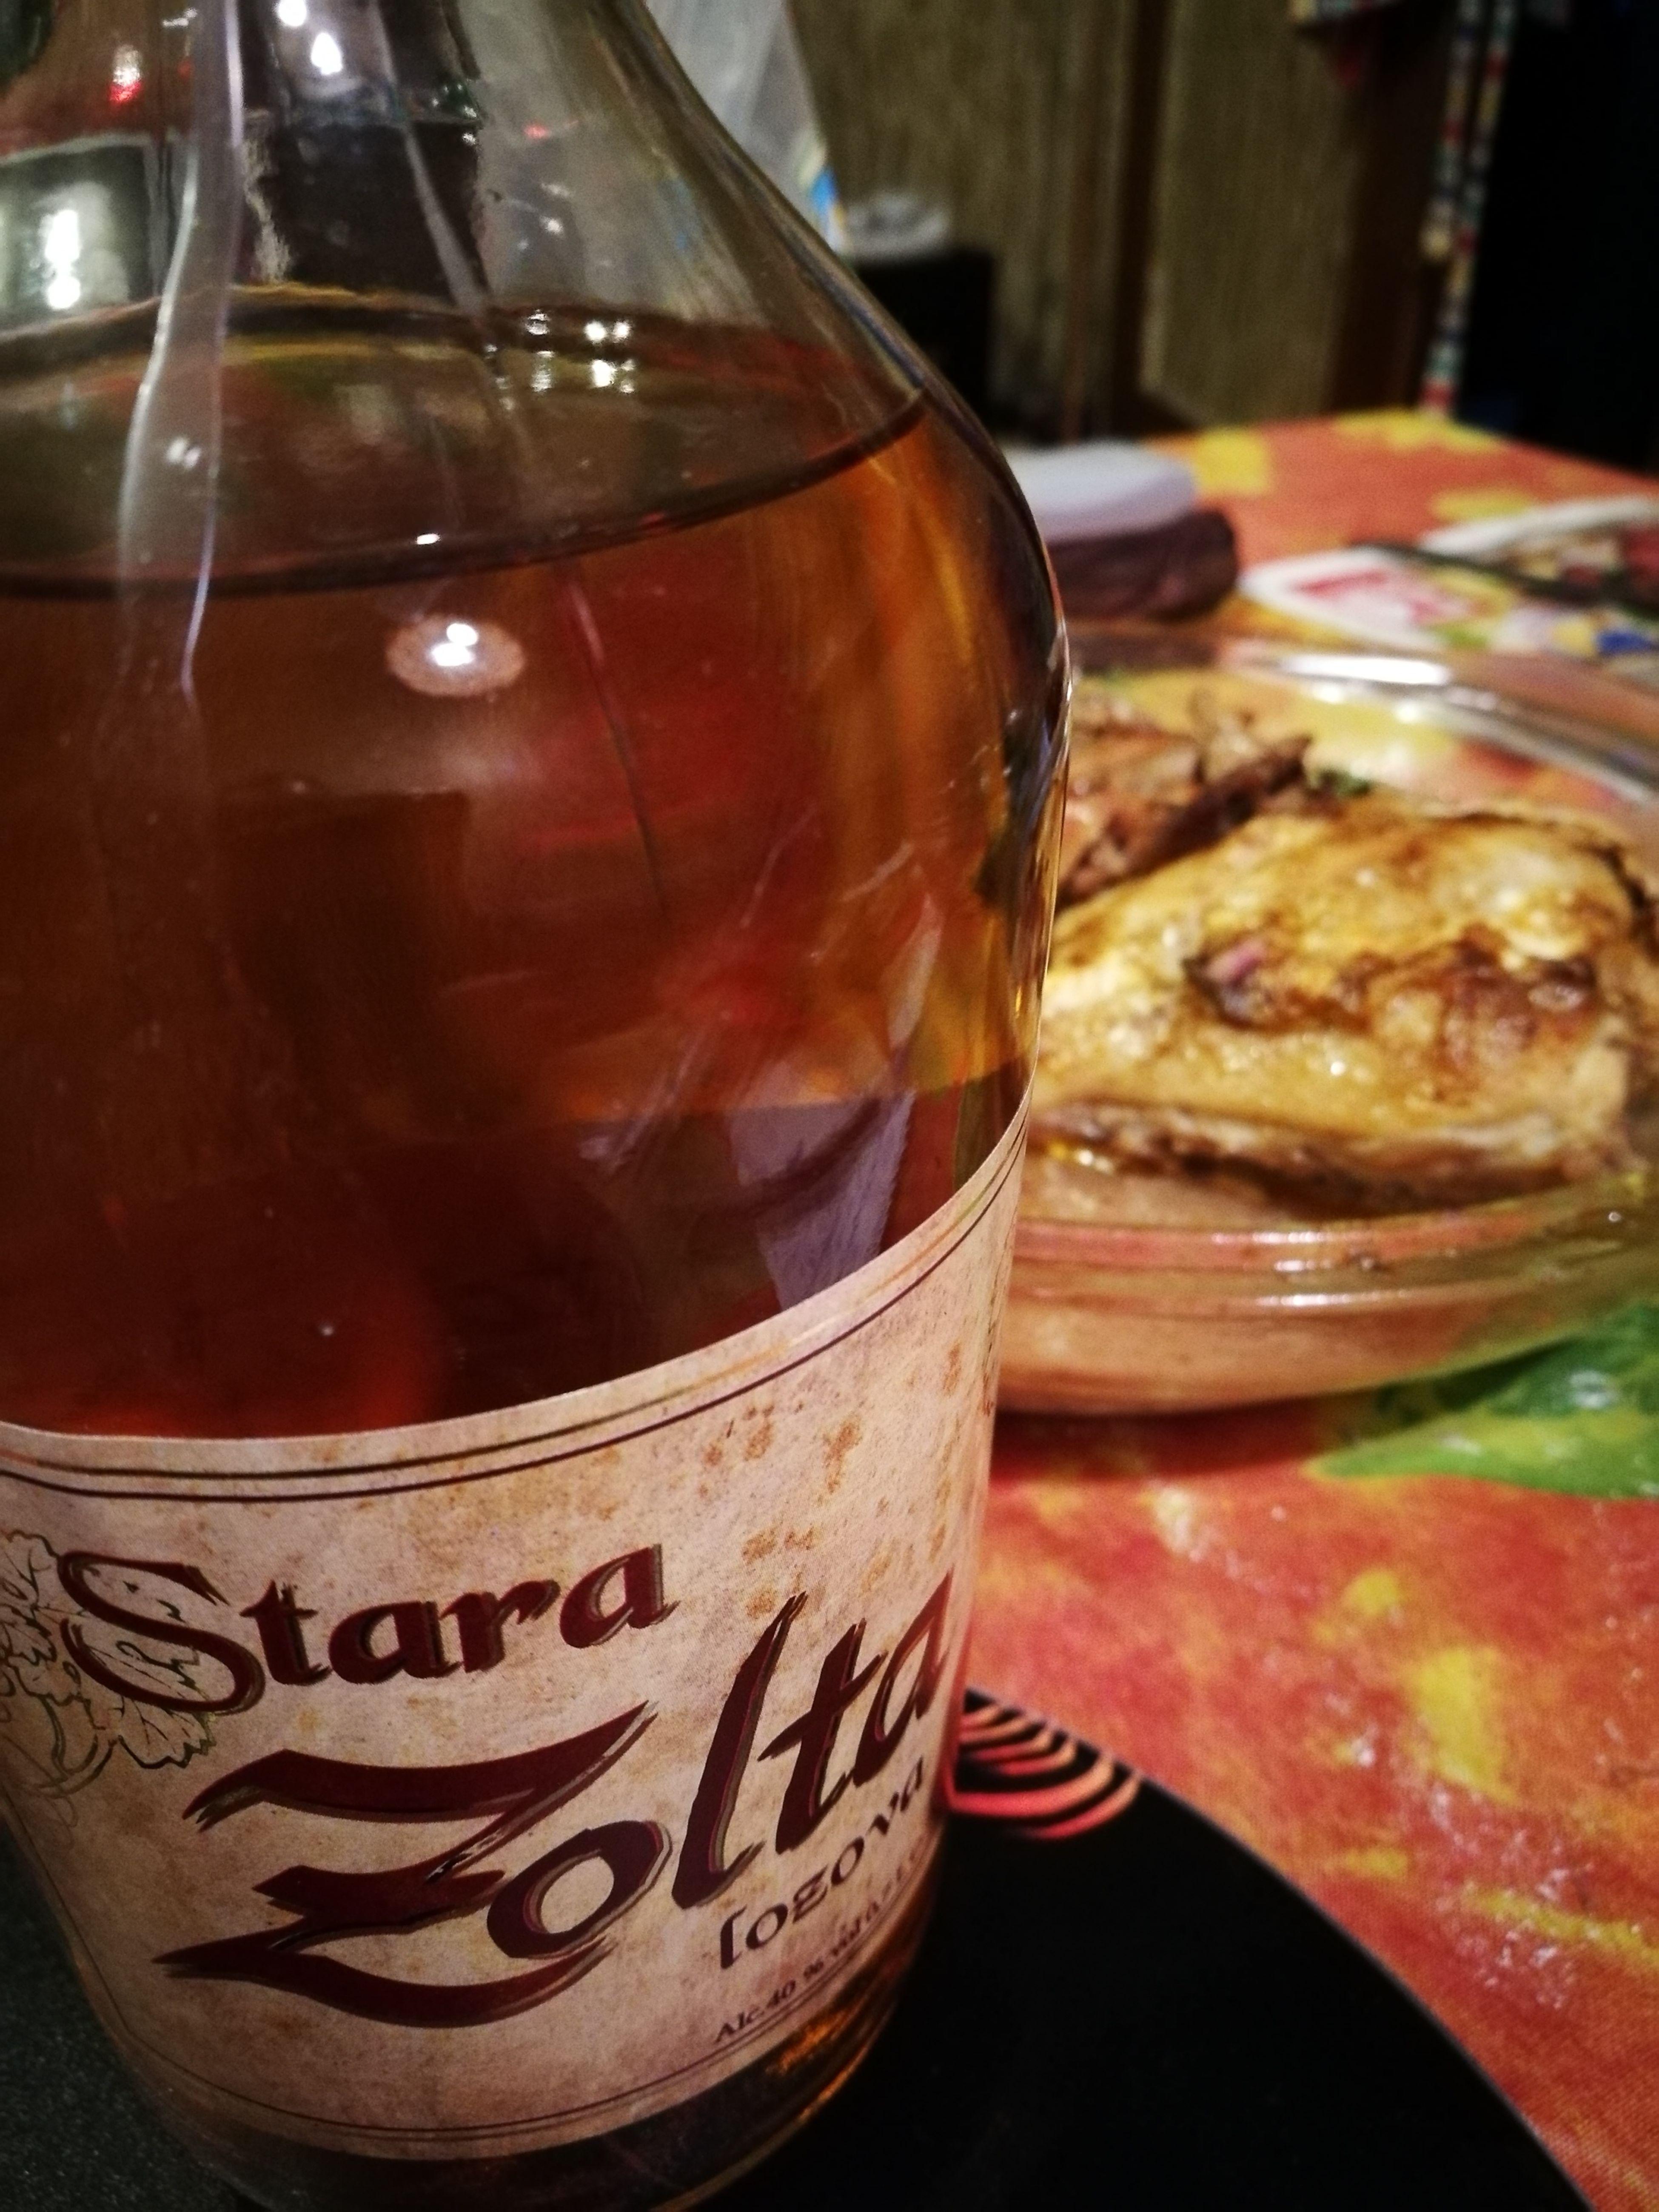 ShareTheMeal Zolta Rakija Rakia Rakiq ракия Drink Meat Chicken First Eyeem Photo Visual Feast